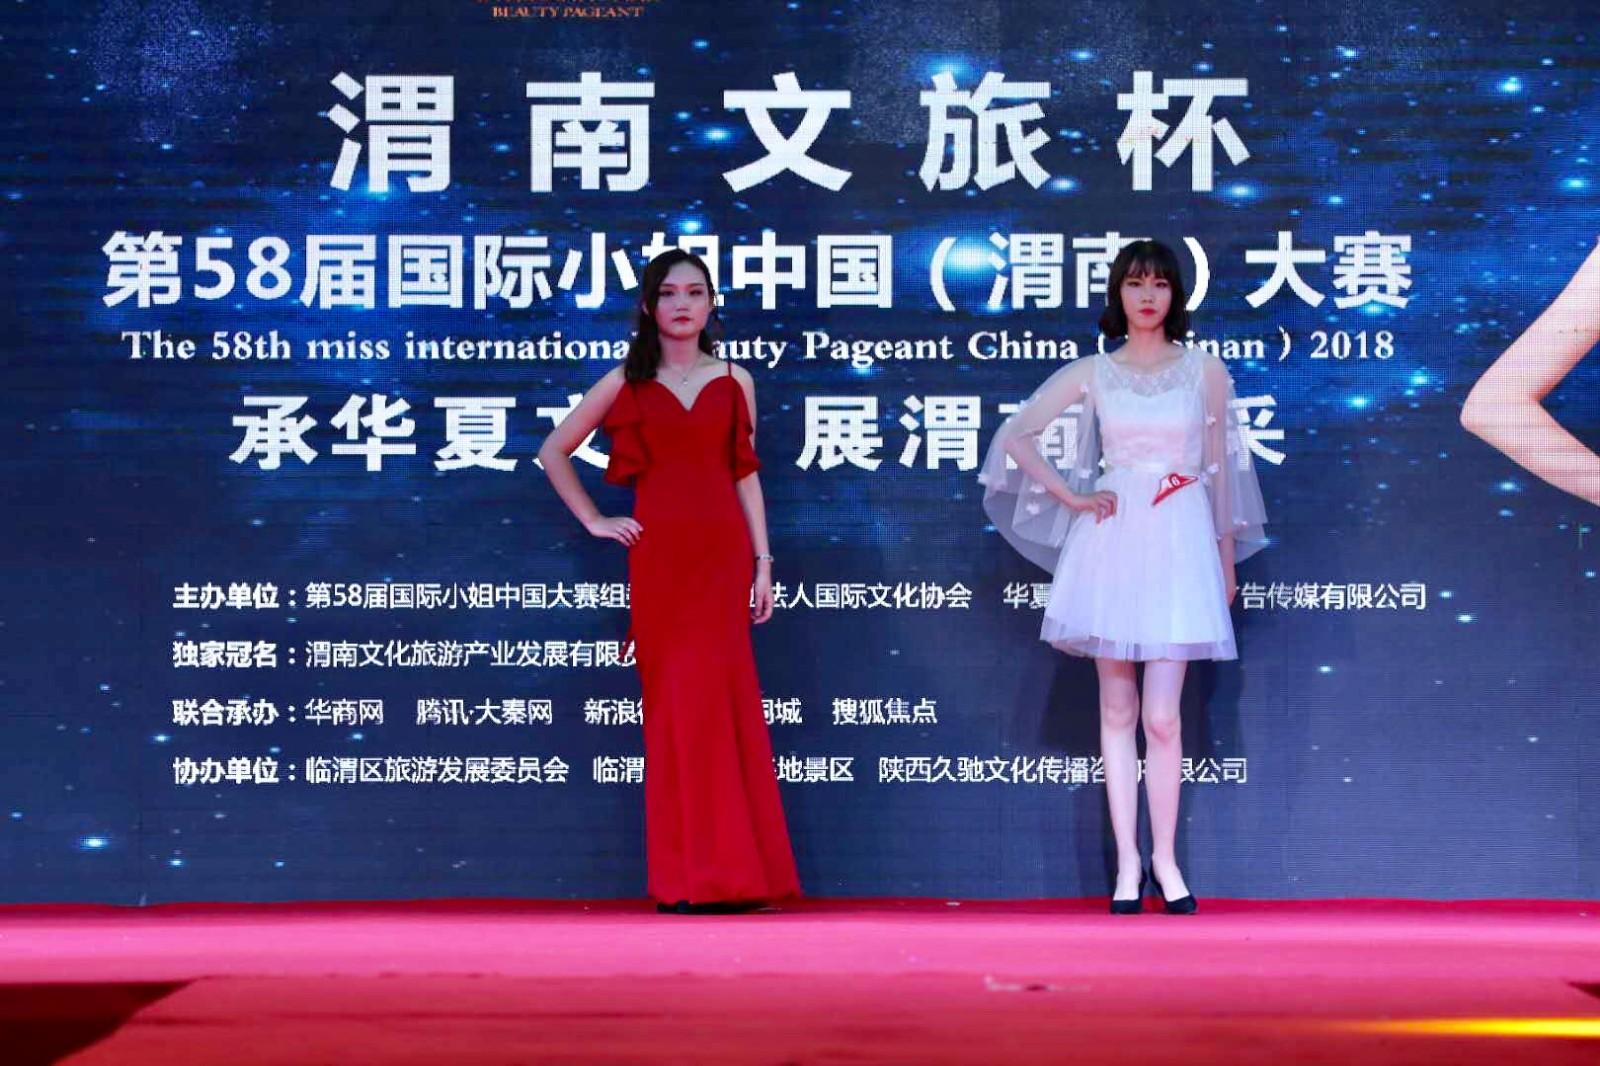 渭南文旅杯国际小姐渭南赛区海选圆满完成 21日复赛不见不散